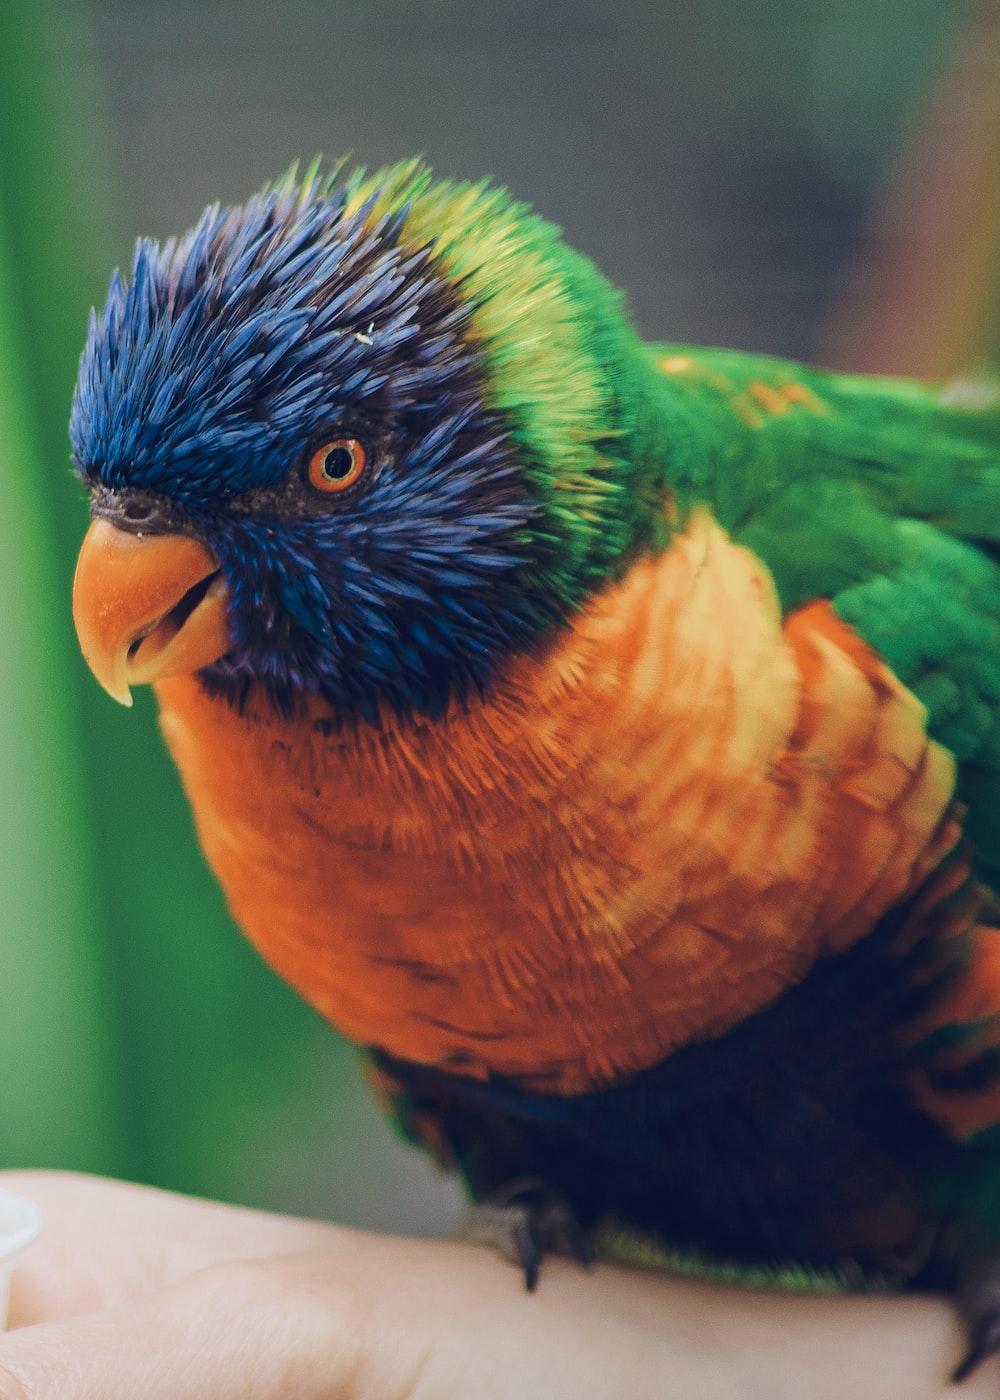 macro photography of Rainbow lorikeet bird